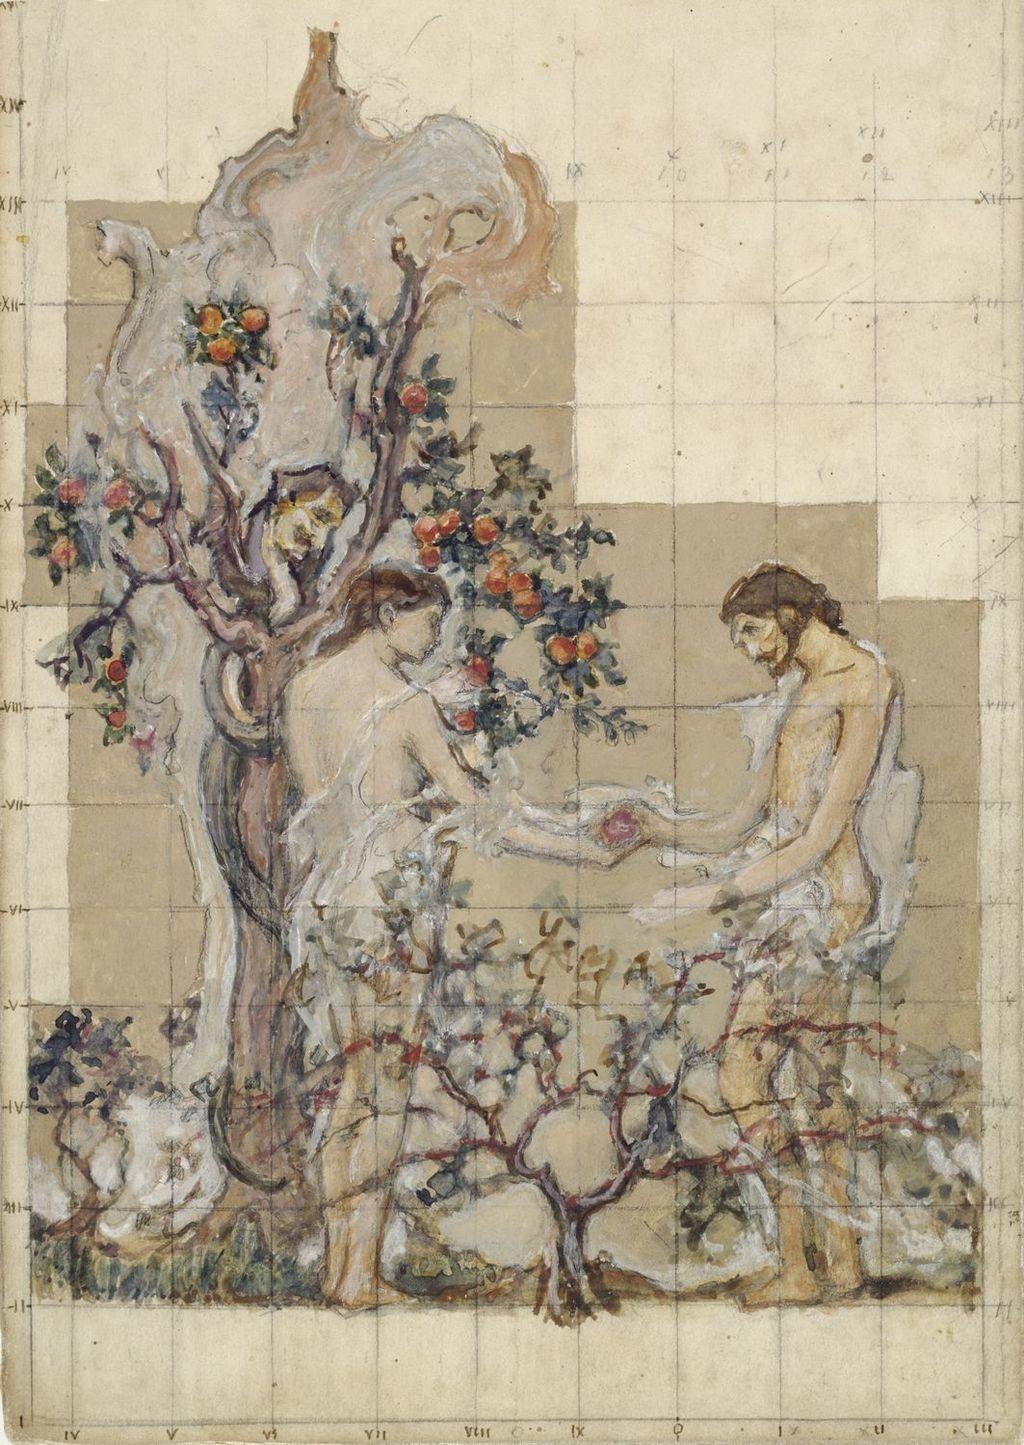 La Tentation d'Adam et Ève. Mise au carreau pour la décoration de l'église de Shawinigan-Sud